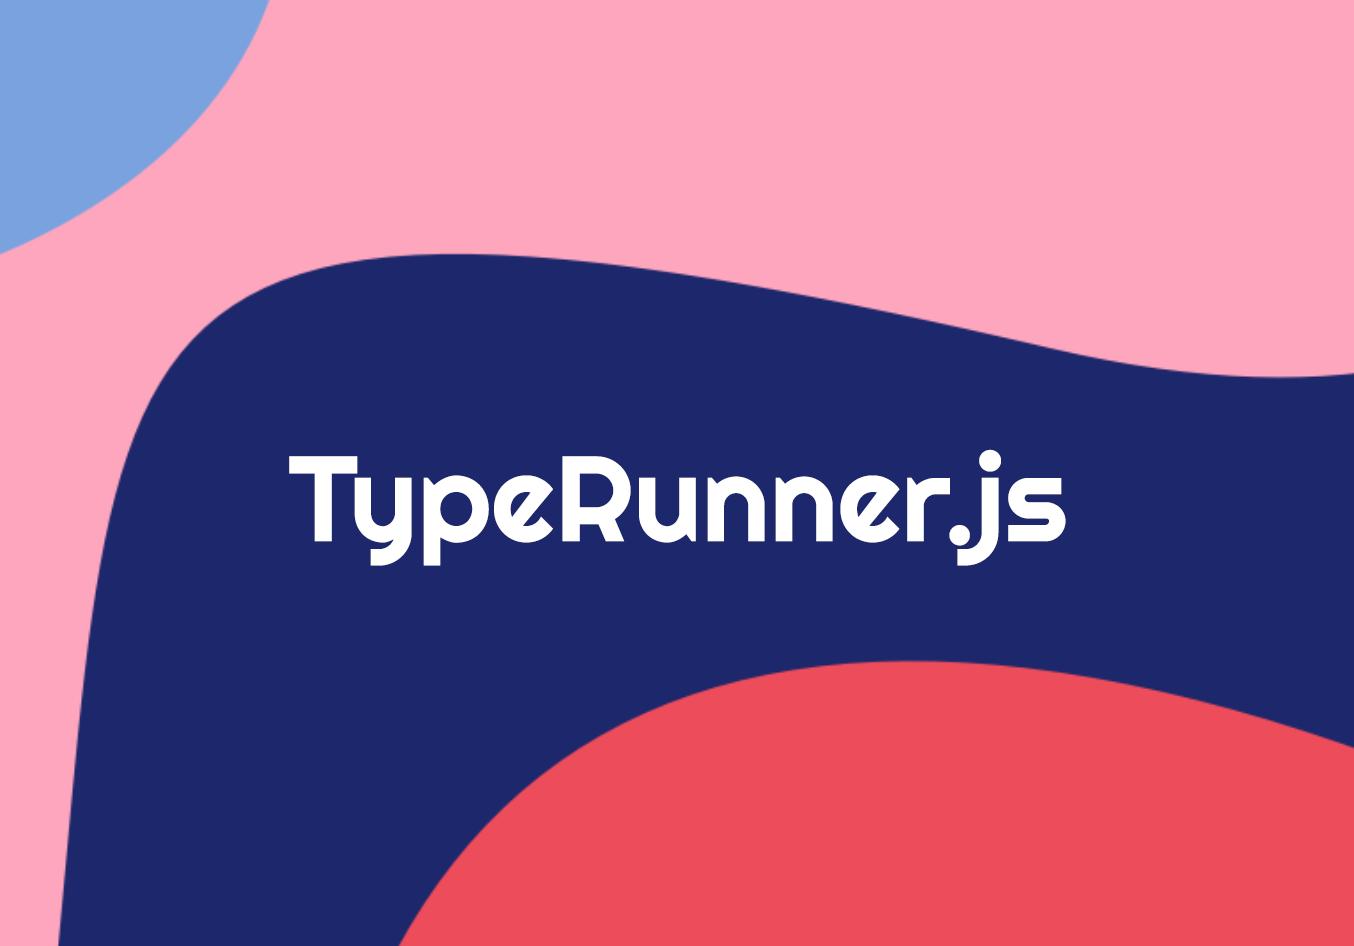 Screenshot of Typerunner.js